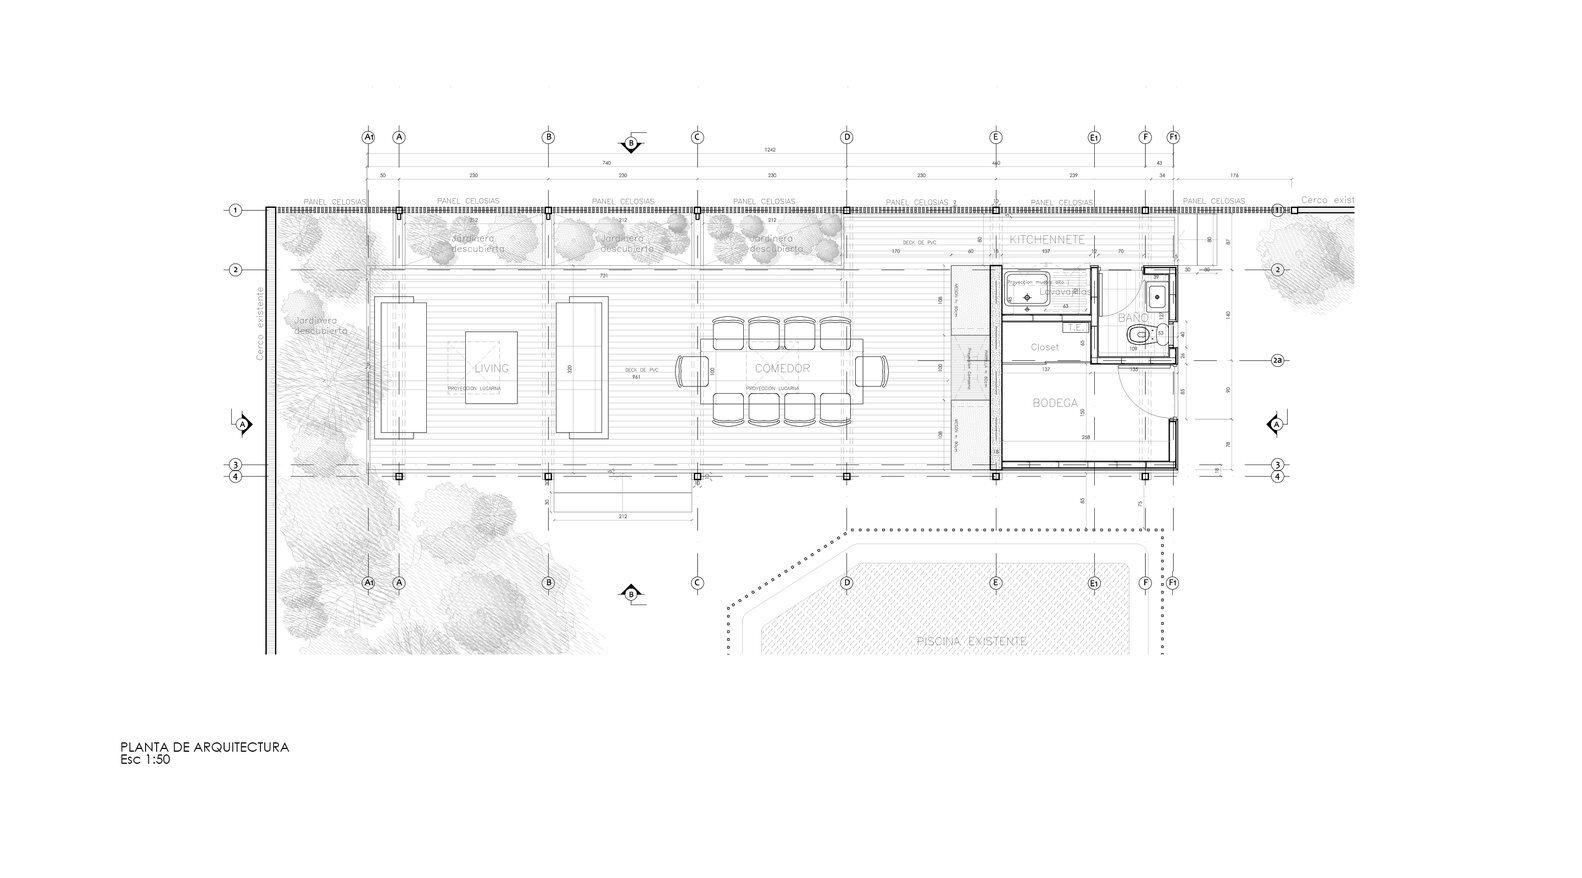 Pergola Pavilion - PAR Arquitectos - Chile - Floor Plan - Humble Homes